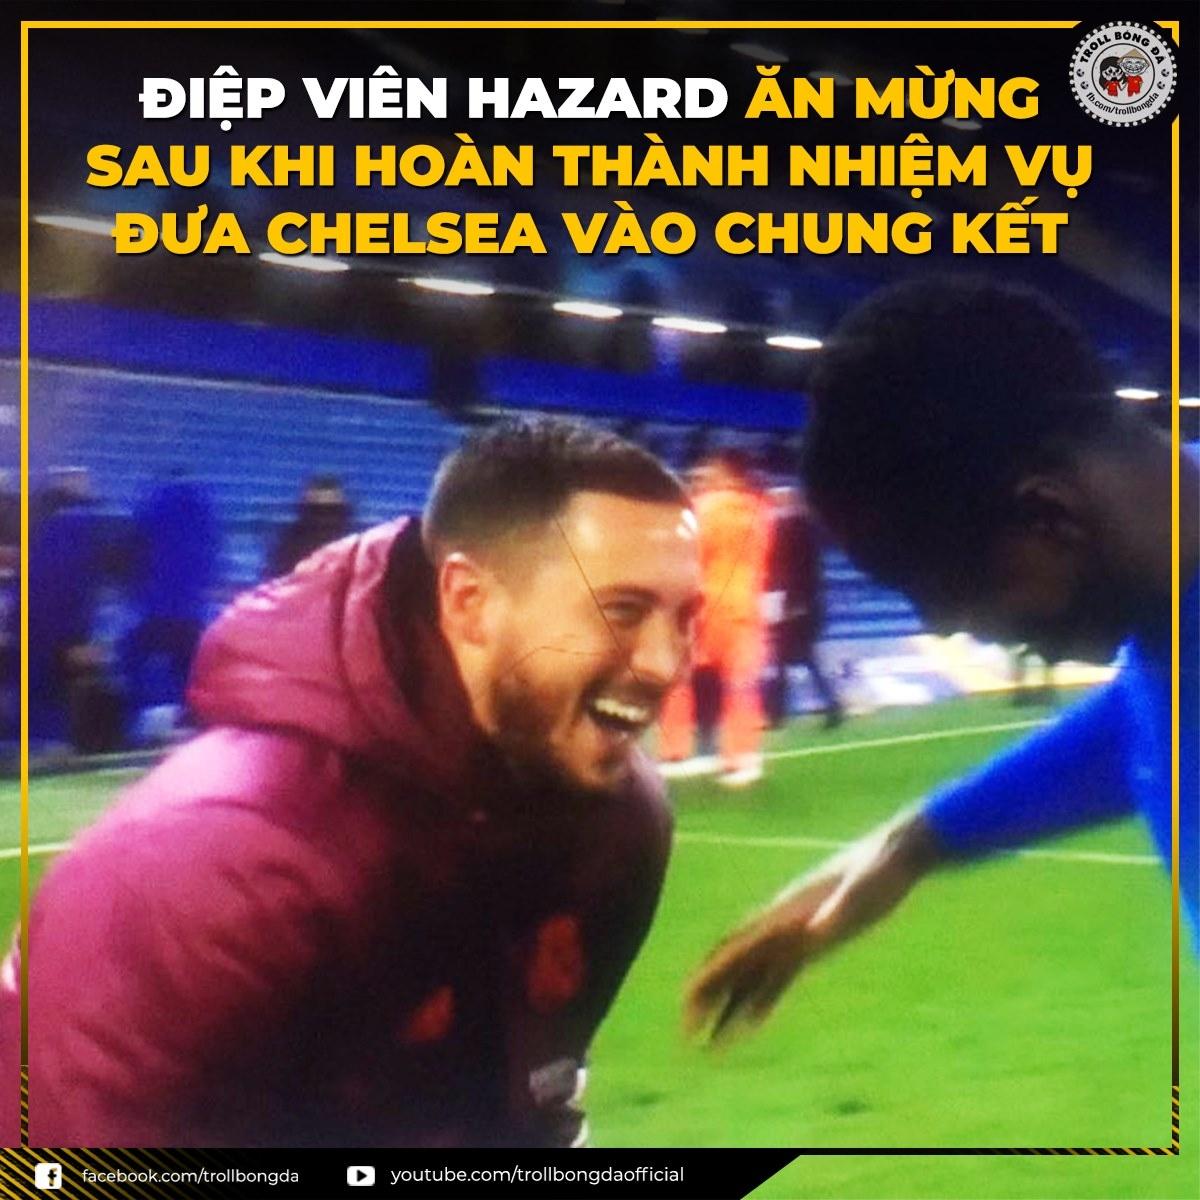 """""""Điệp viên"""" Hazard hoàn tất nhiệm vụ đưa Chelsea vào chung kết Champions League. (Ảnh: Troll bóng đá)./."""